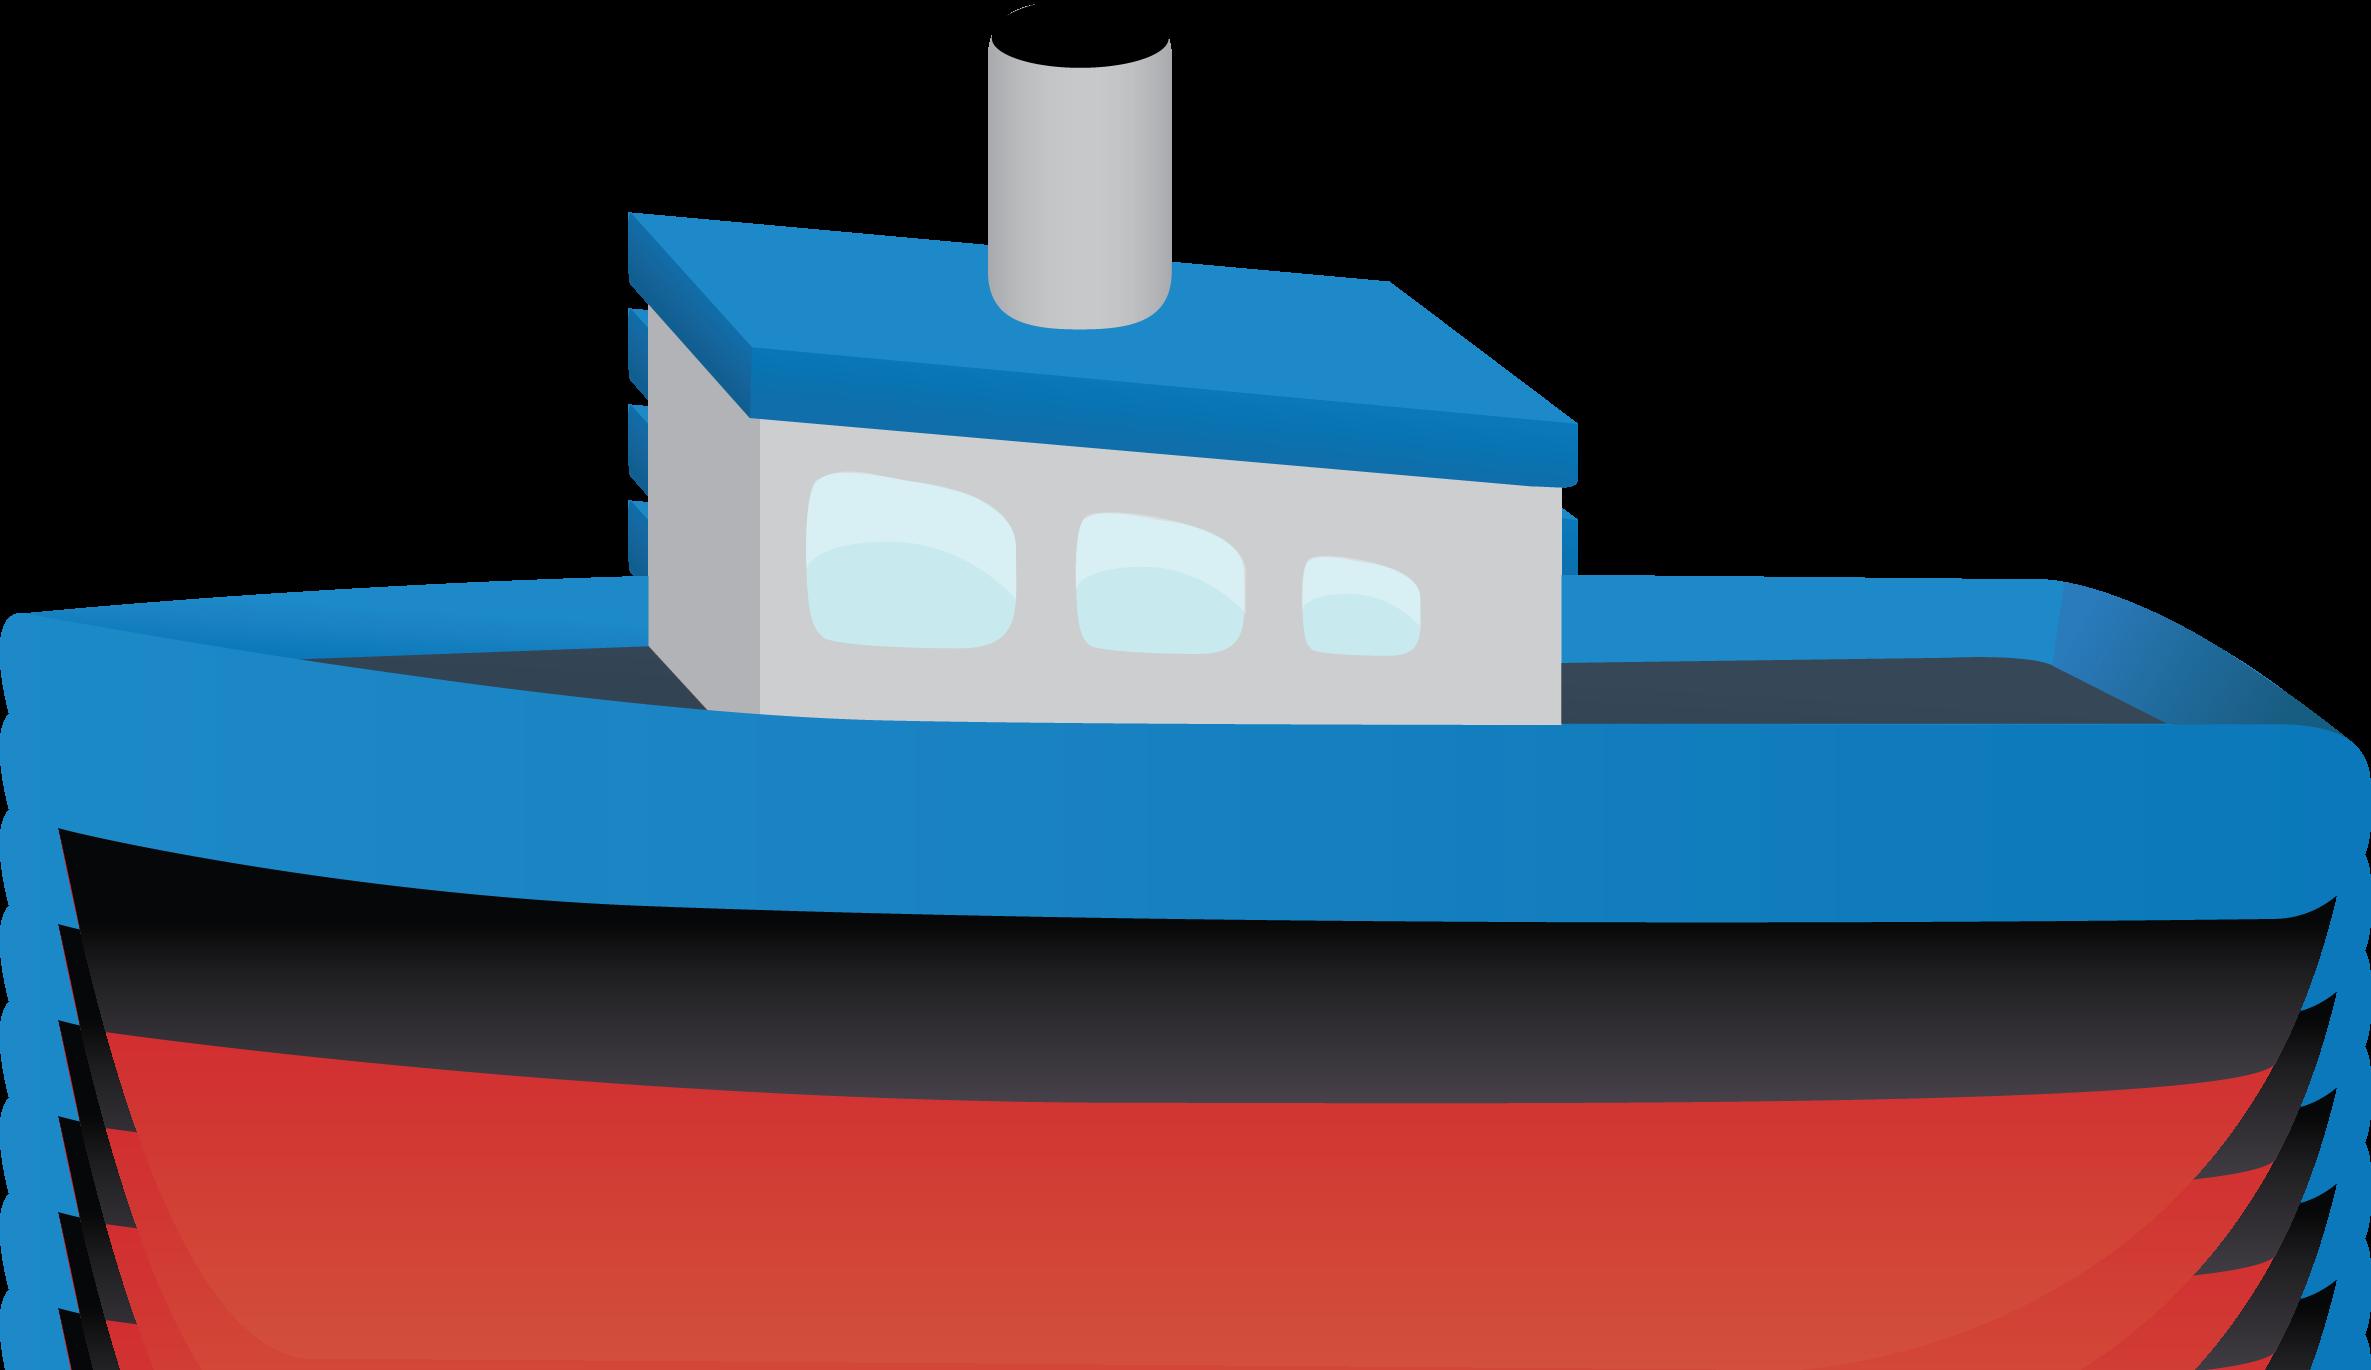 20762 Transportation Boat Clip Art on Fish Emoji